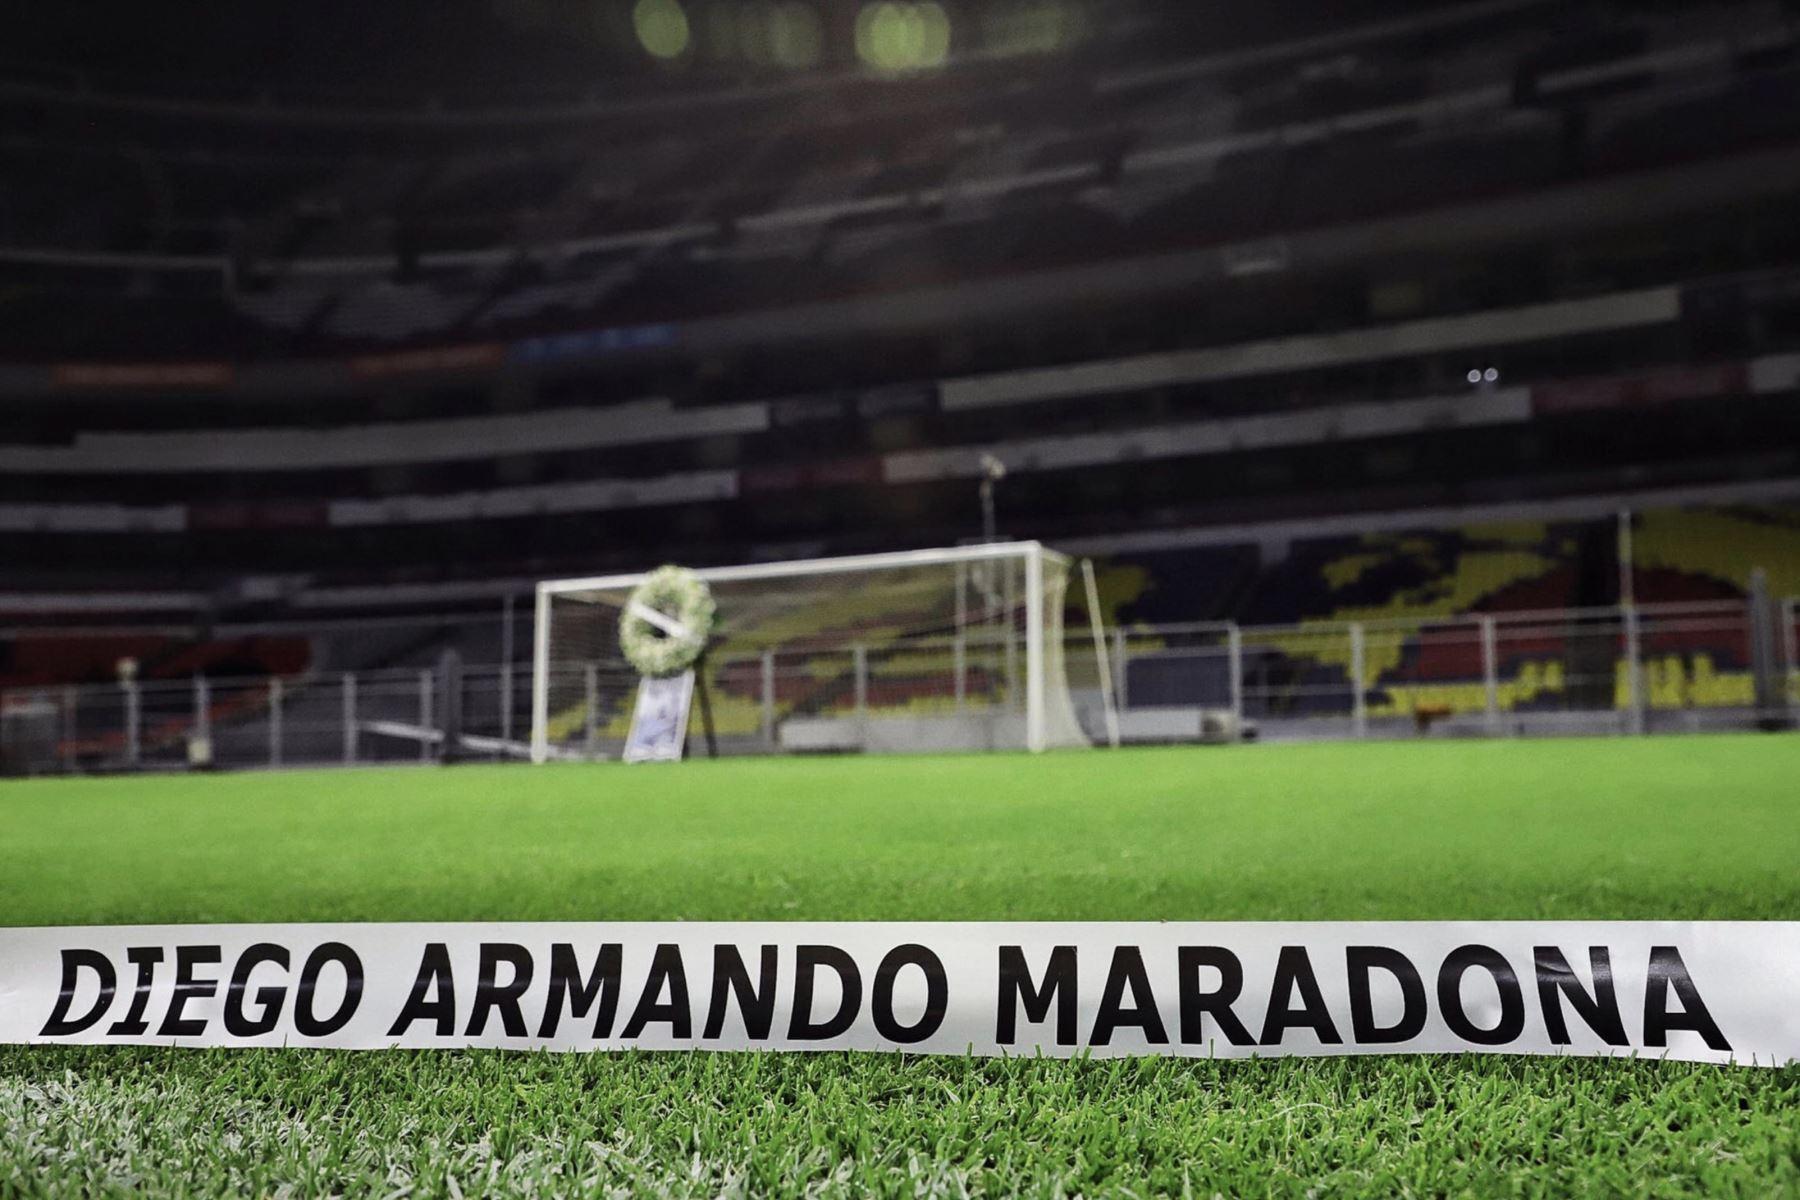 El Estadio Azteca también se unió a los homenajes a Diego Armando Maradona. Foto: Twitter/ Estadio Azteca